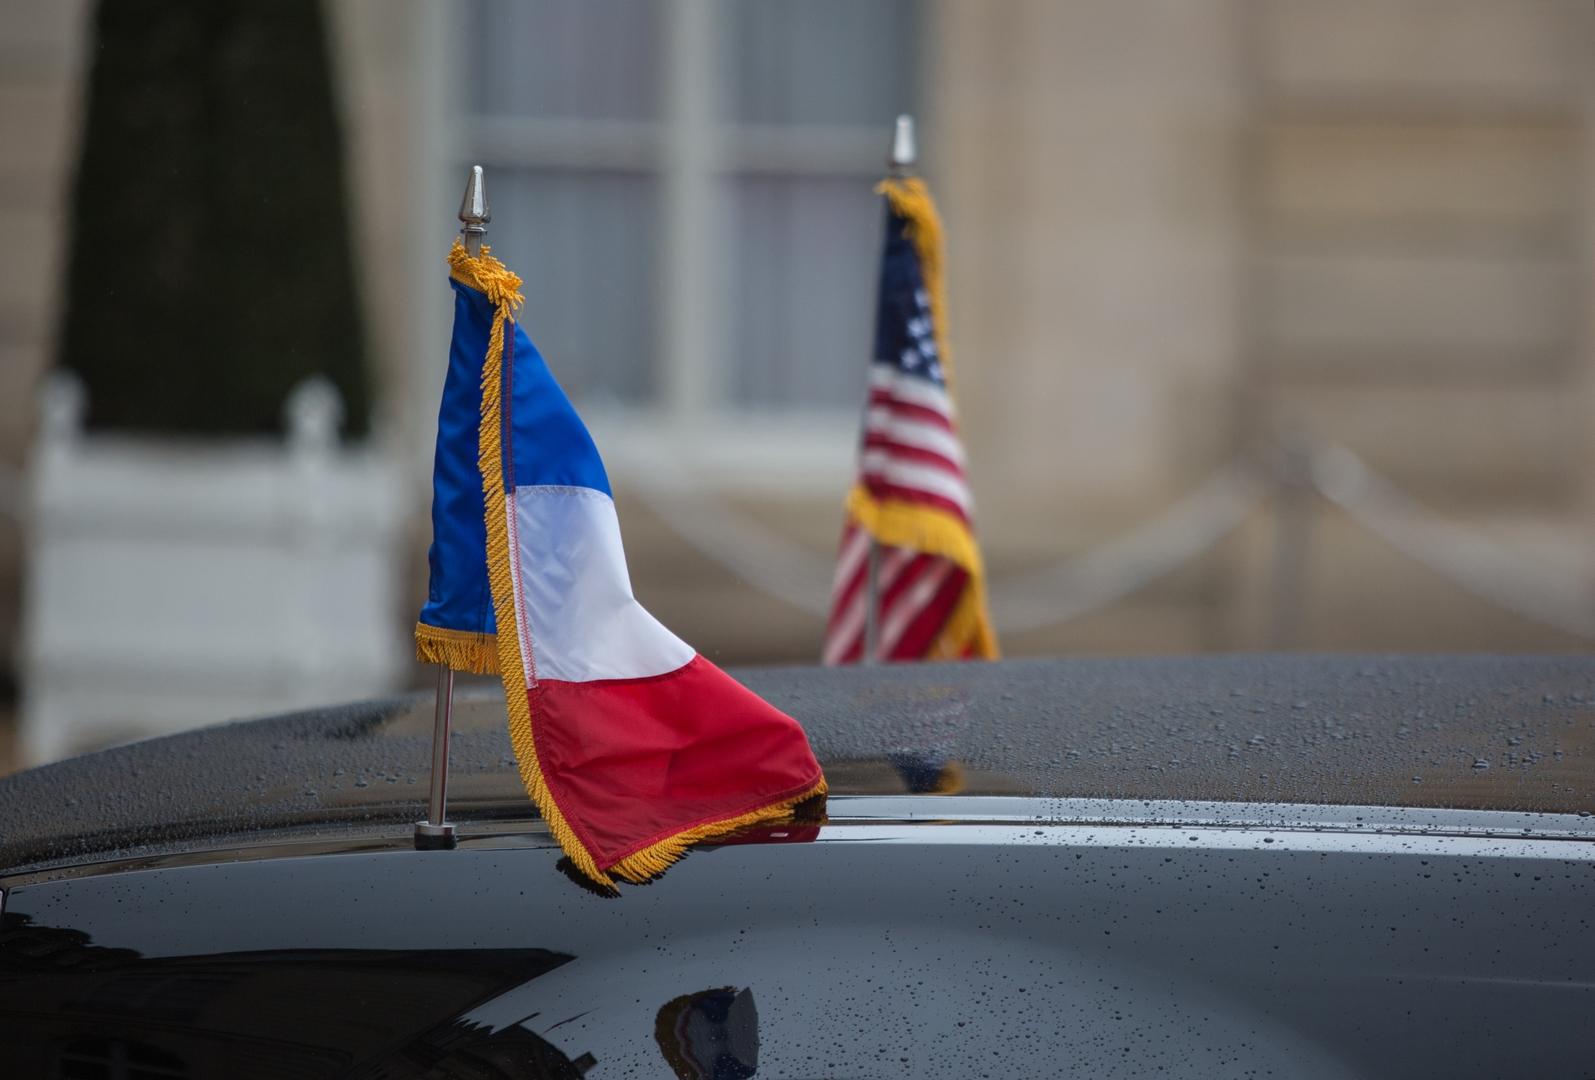 علما فرنسا والولايات المتحدة